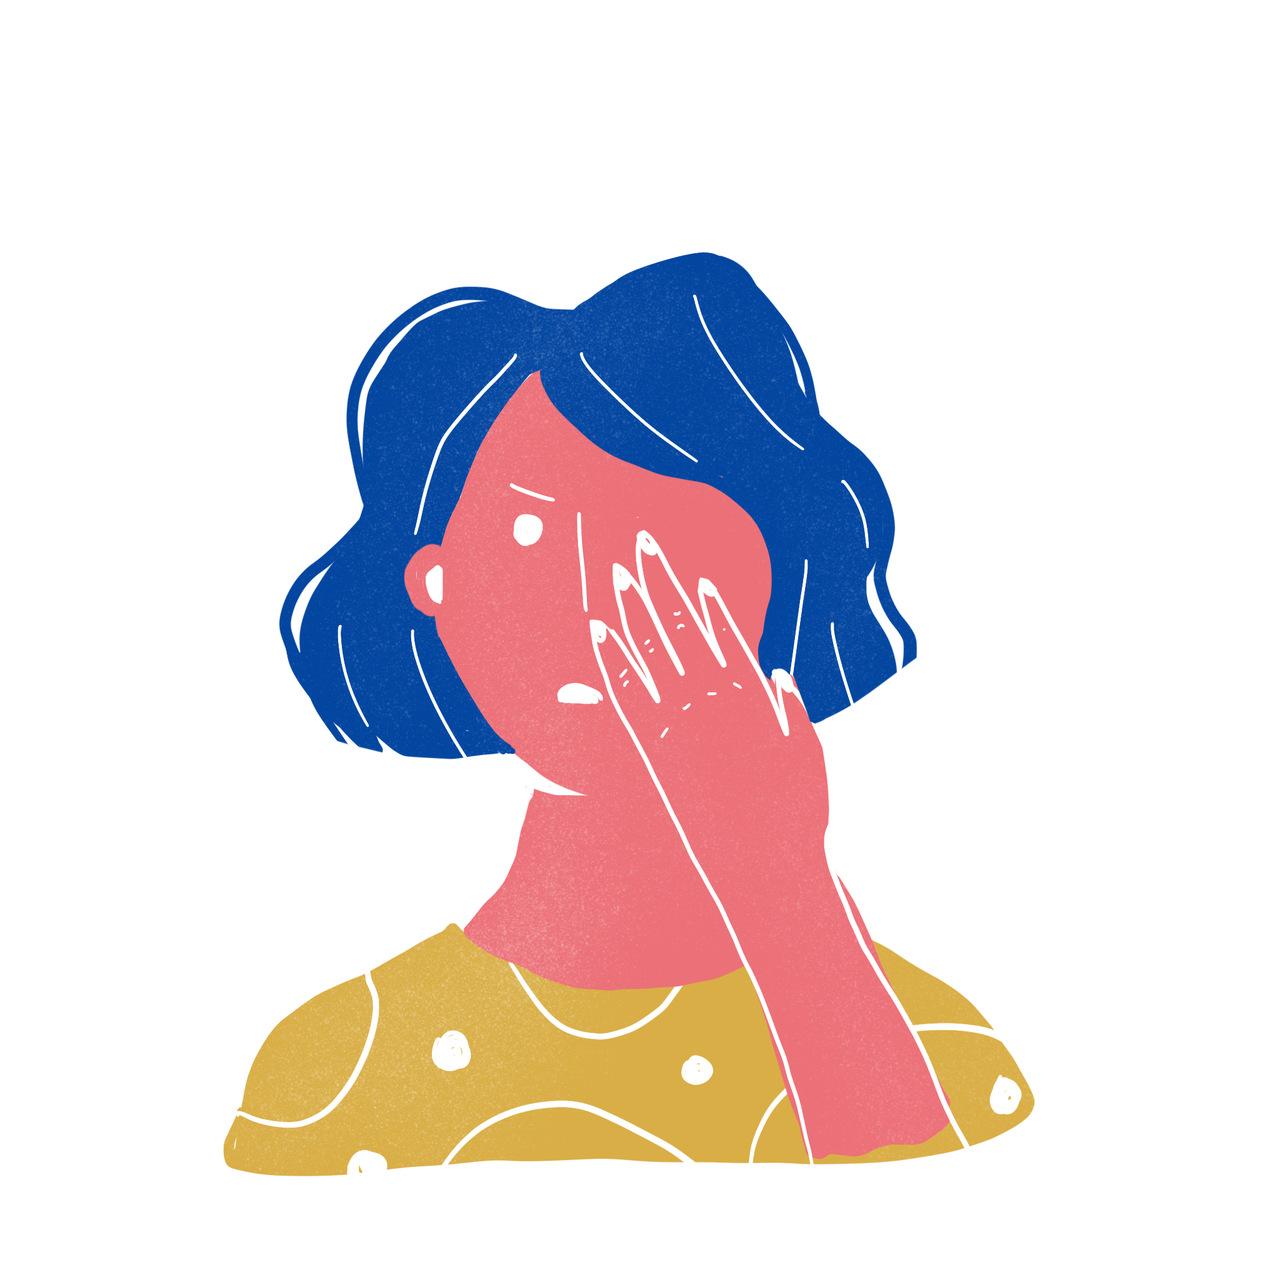 Mantenha as mãos limpas e evite tocar no rosto. Ilustração de Ana Paiva